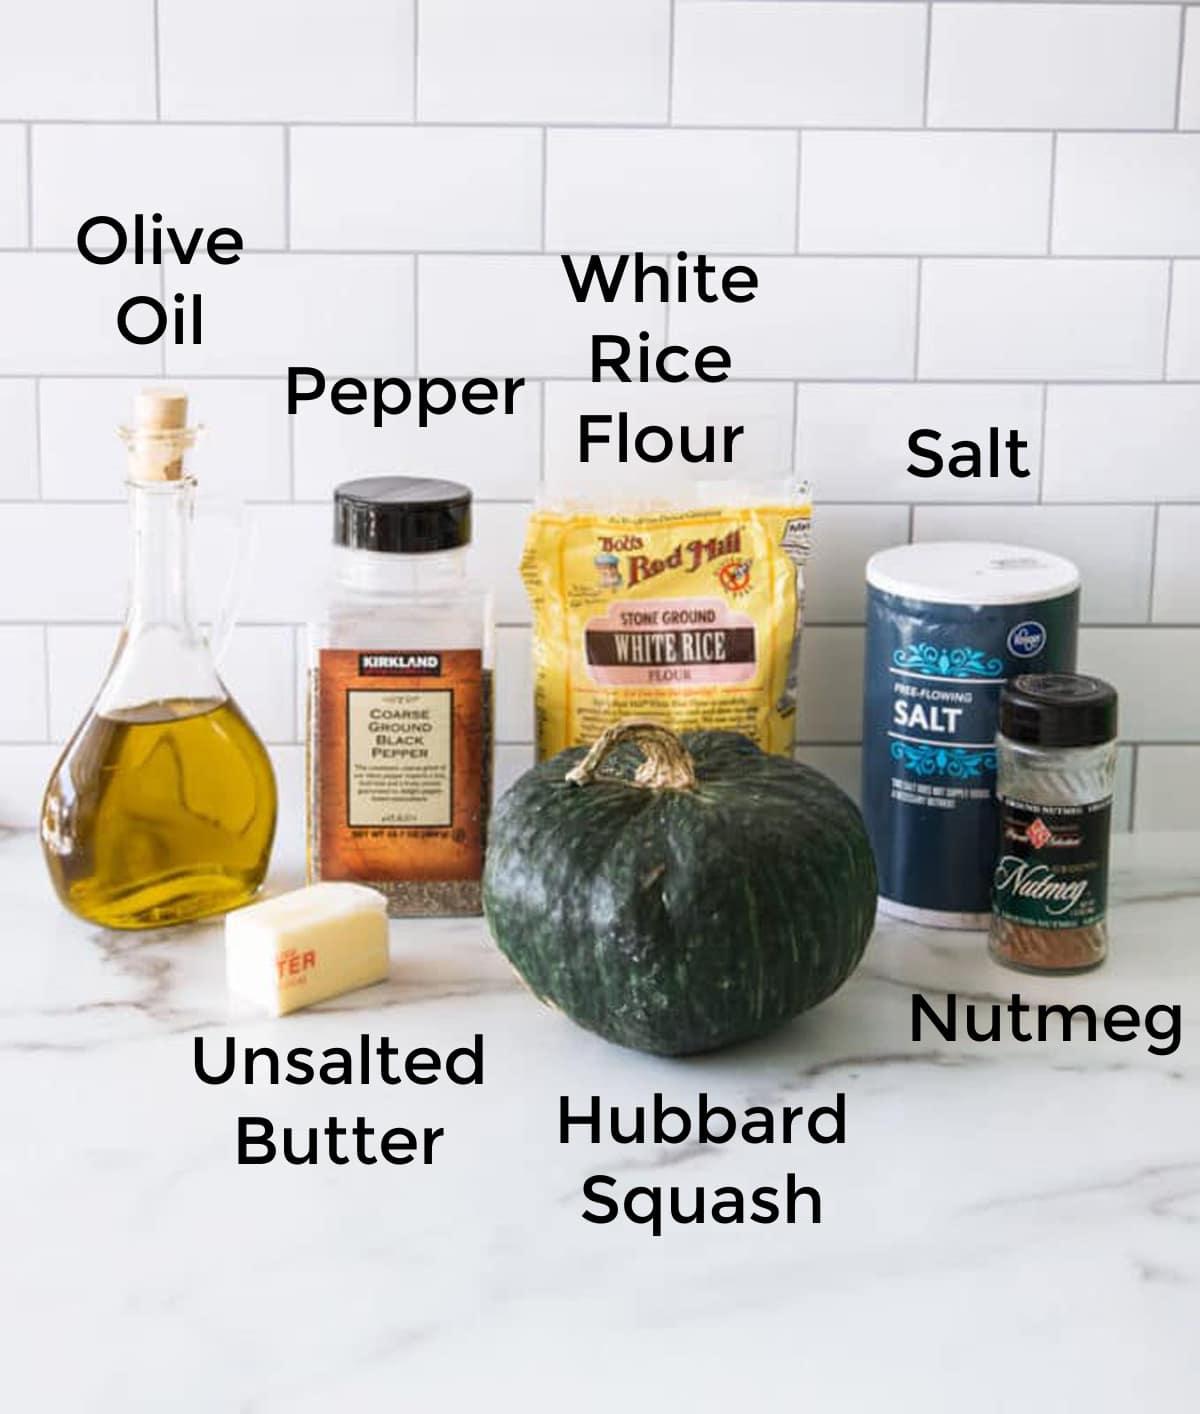 Olive oil, hubbard squash, butter, salt, pepper, nutmeg on counter.